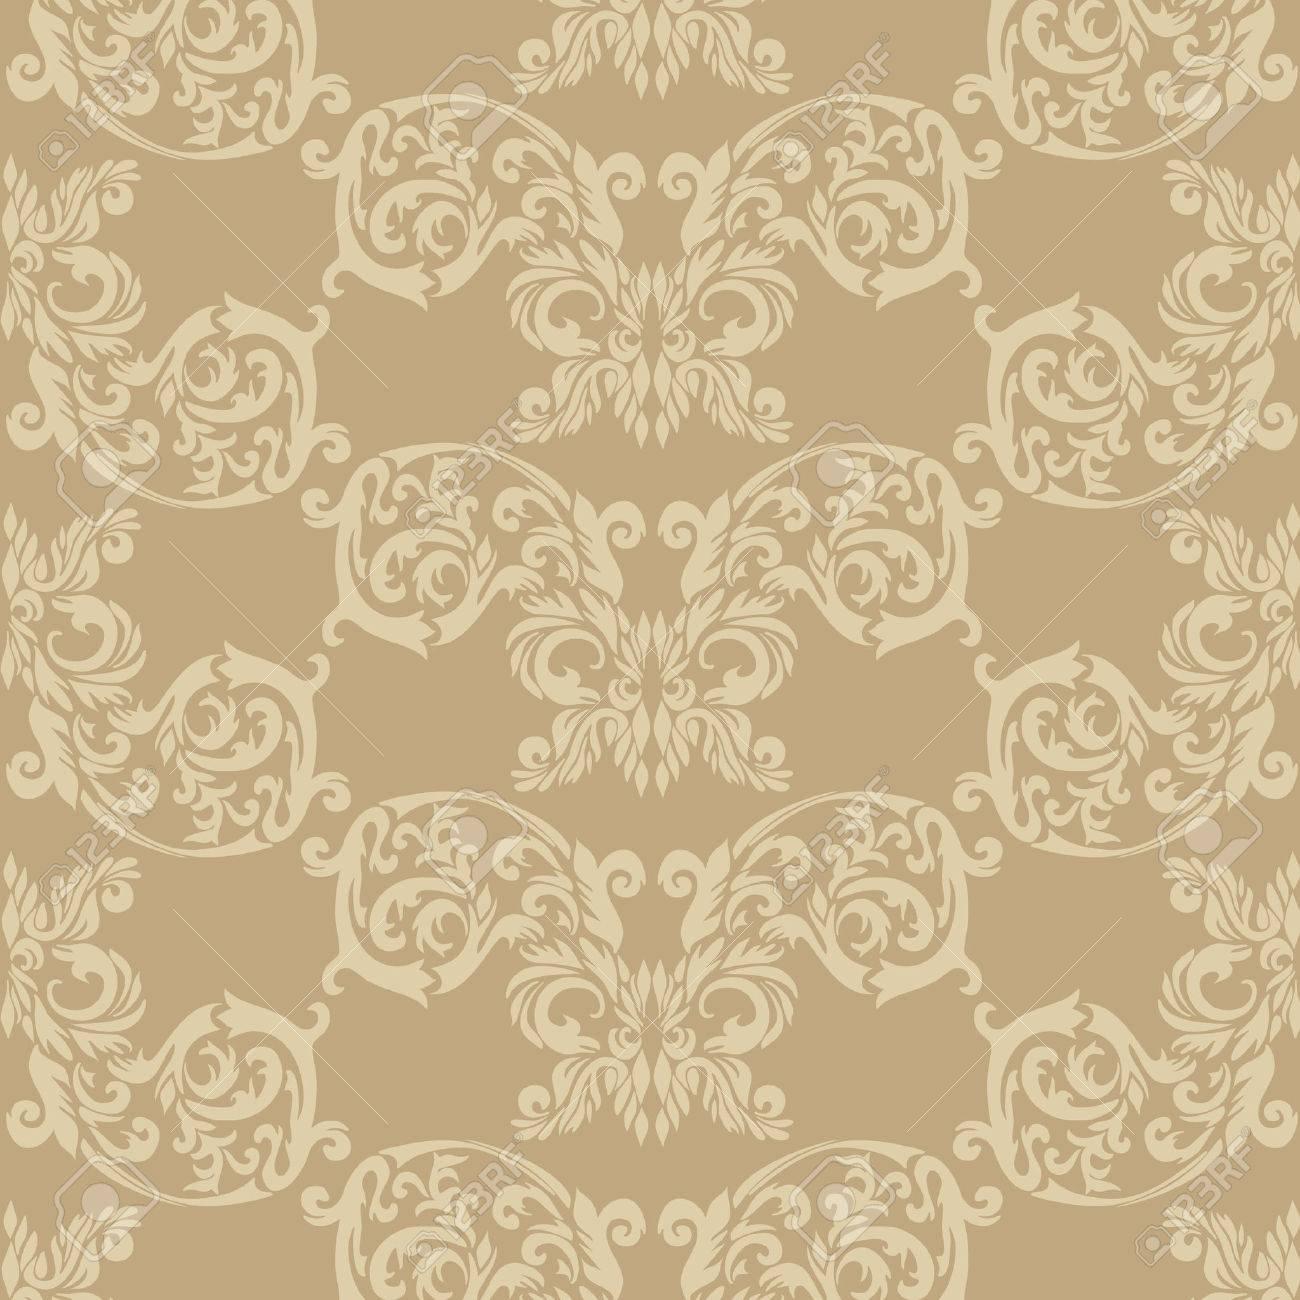 ベージュの歴史的なバロック様式の飾りの壁紙や織物テクスチャ の